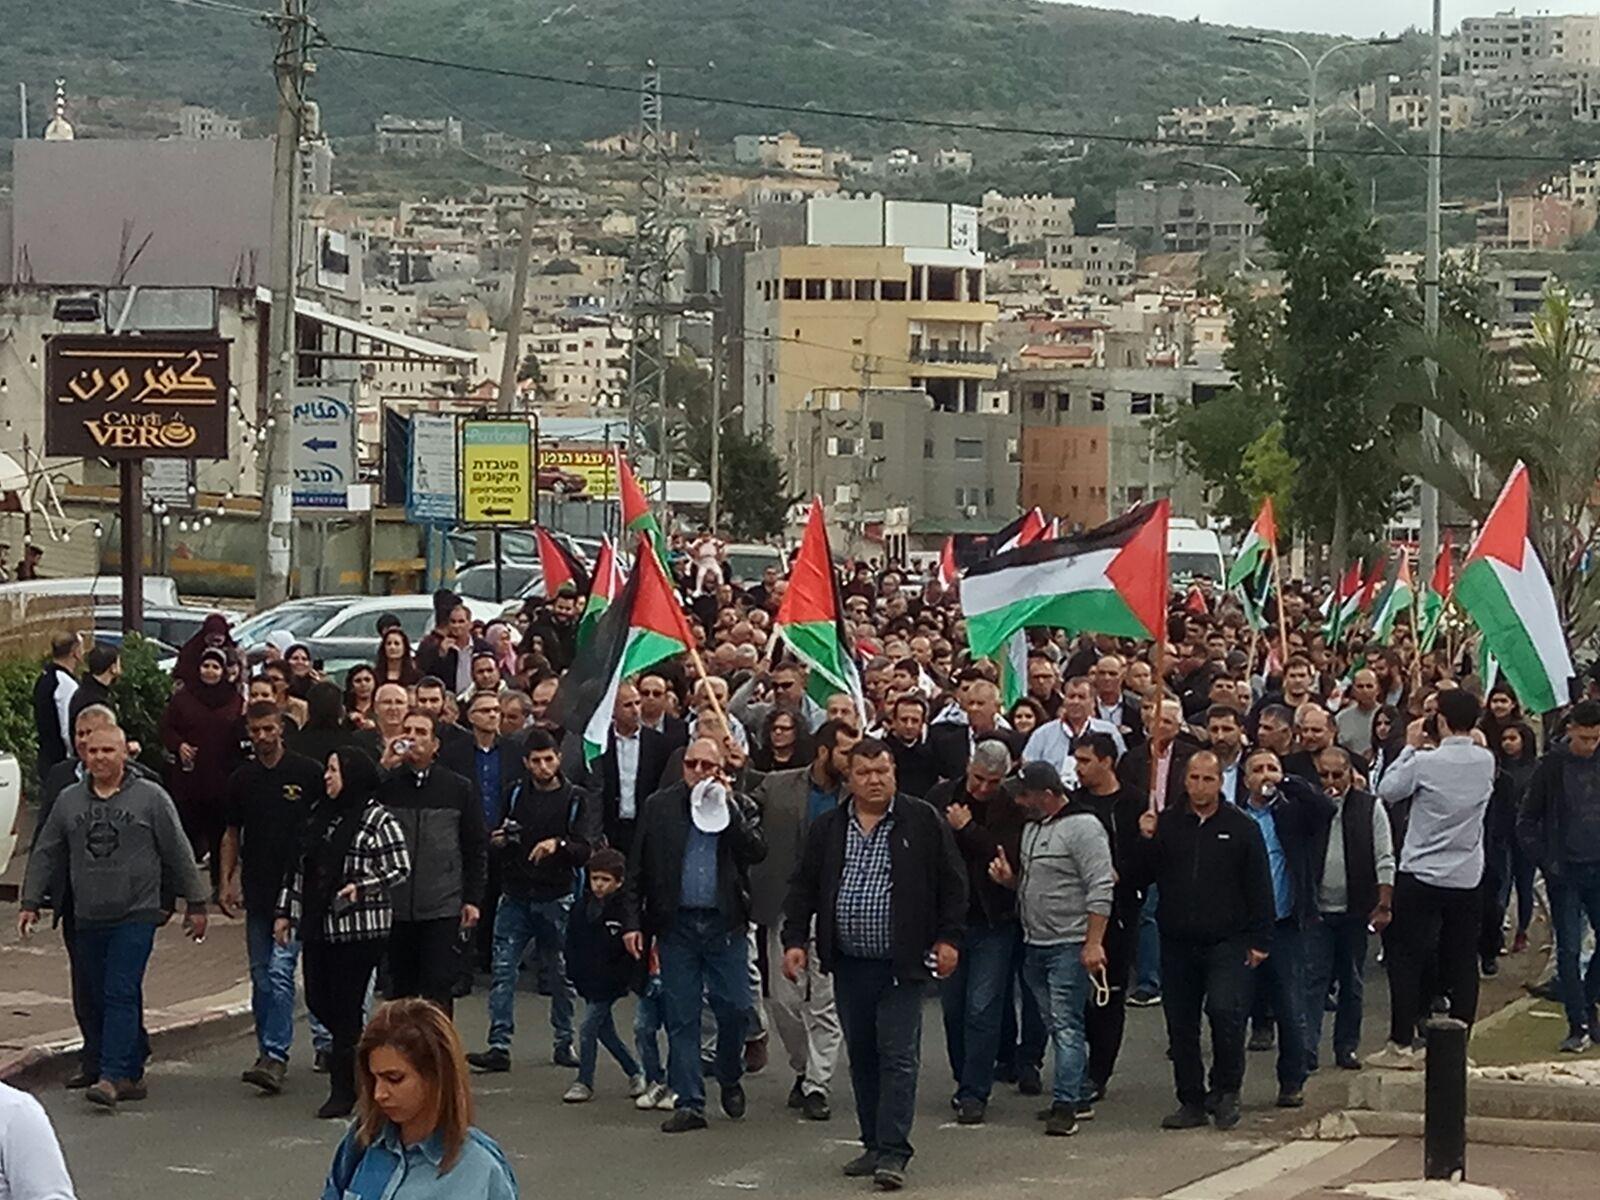 التقاءُ المسيرات الحاشدة:  الآلاف يُشاركون في مهرجان يوم الأرض